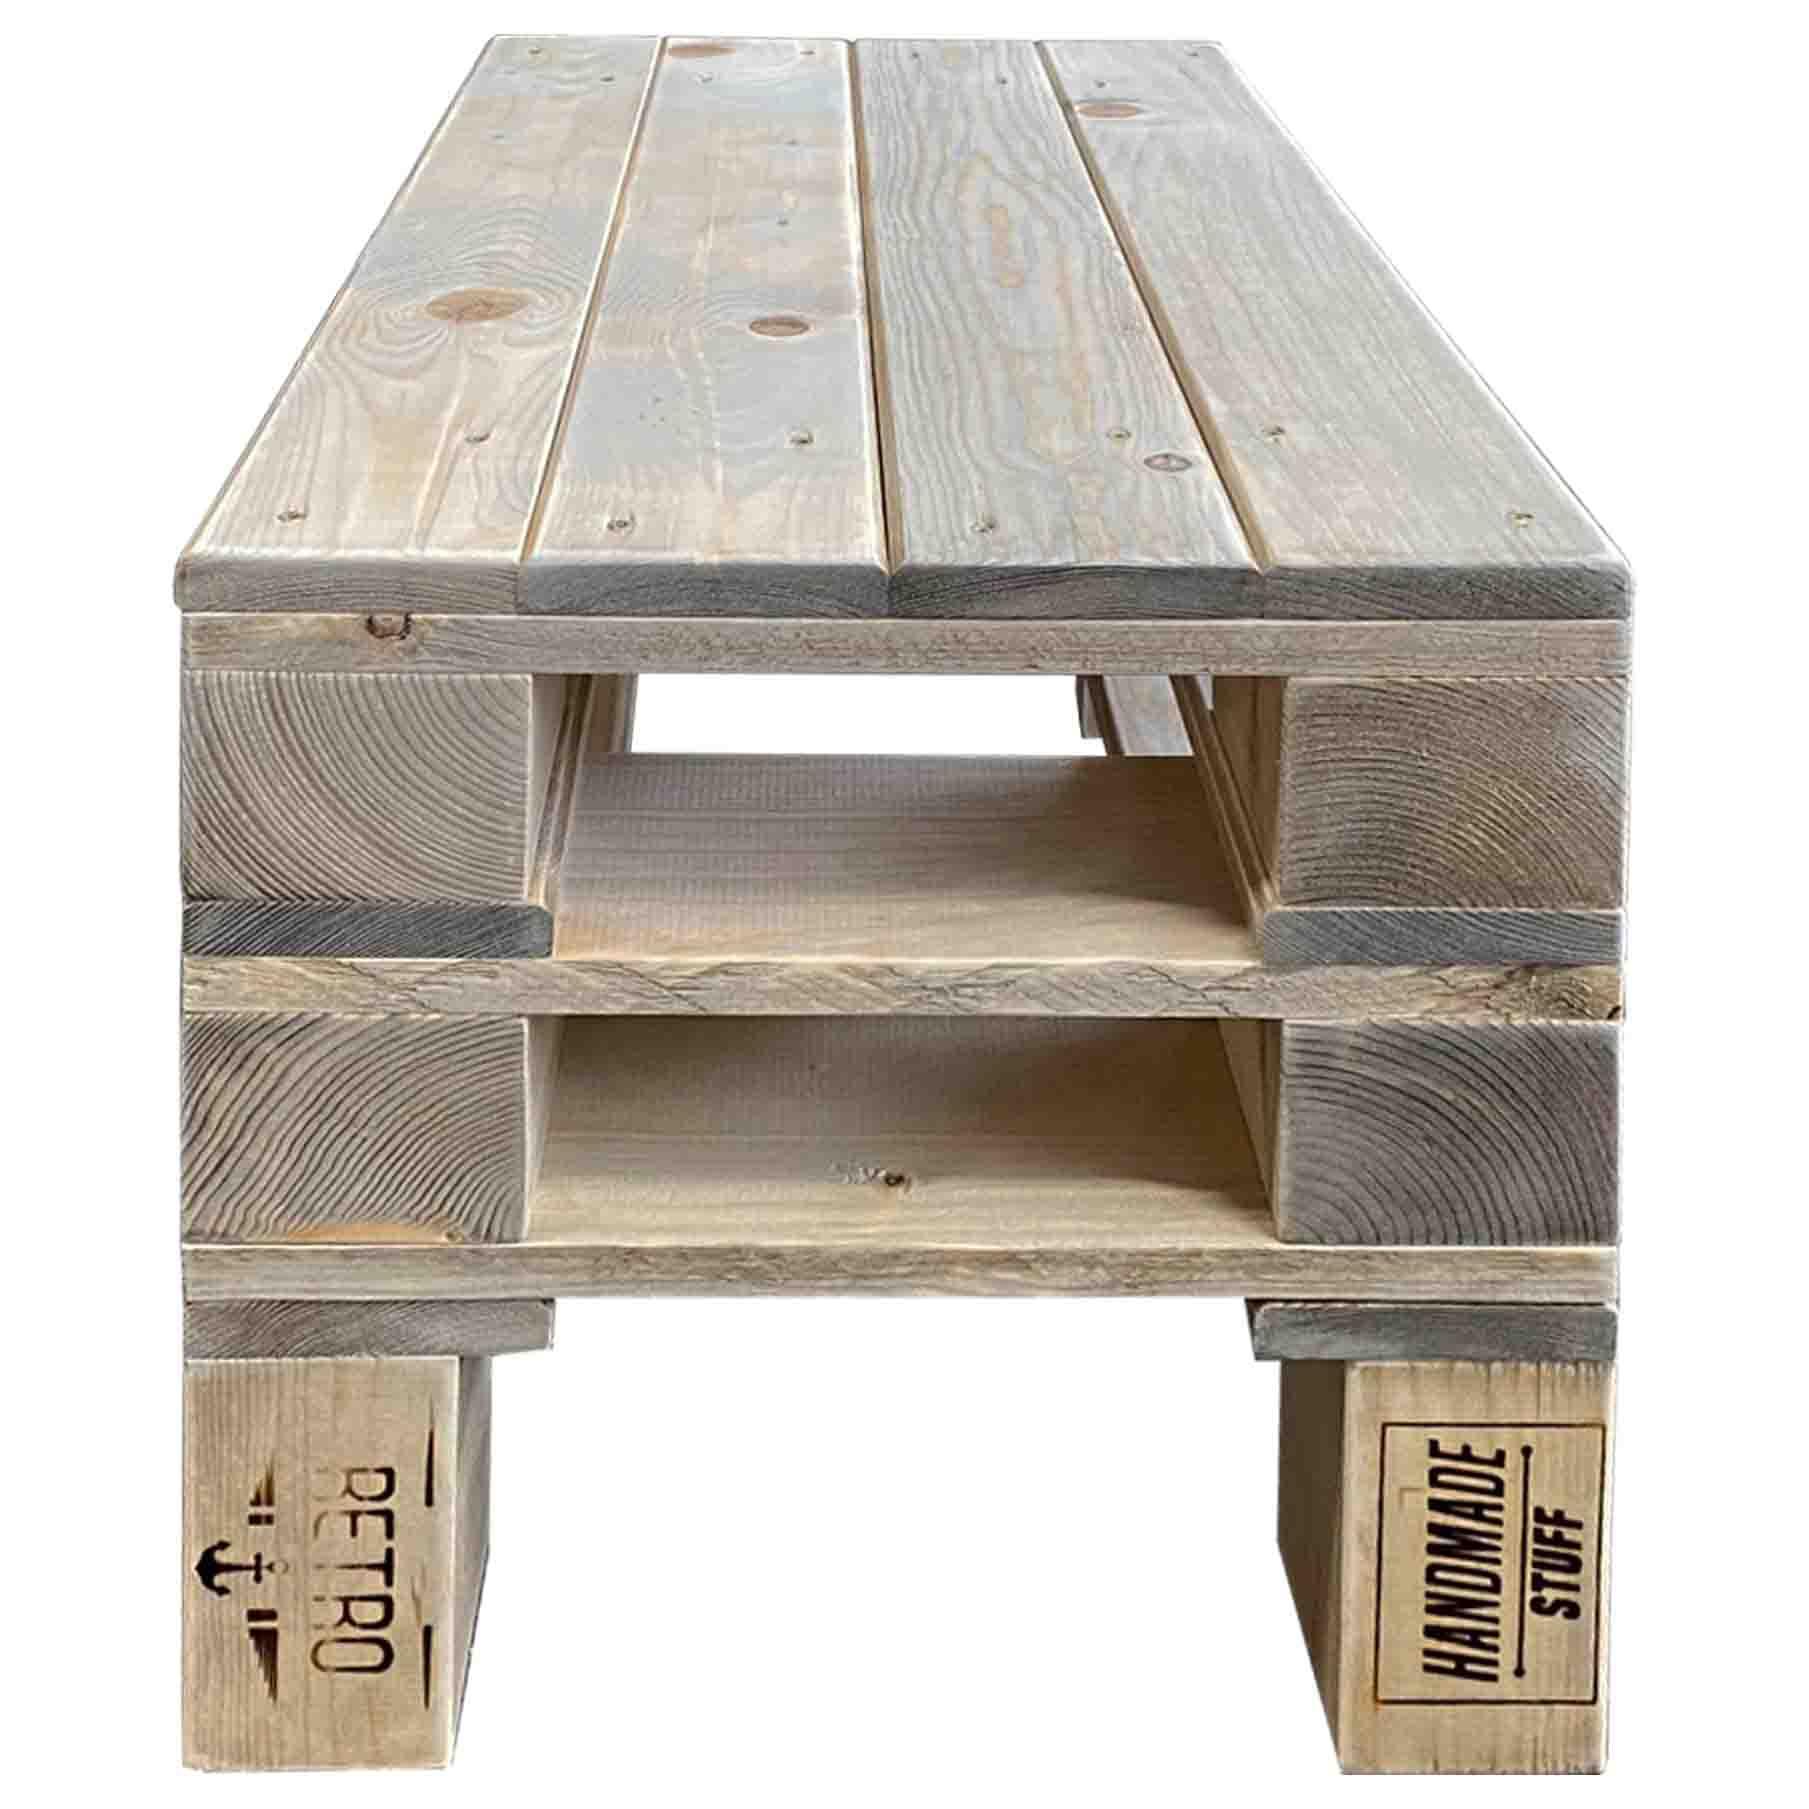 tisch aus paletten beistelltisch palettenm bel shop. Black Bedroom Furniture Sets. Home Design Ideas